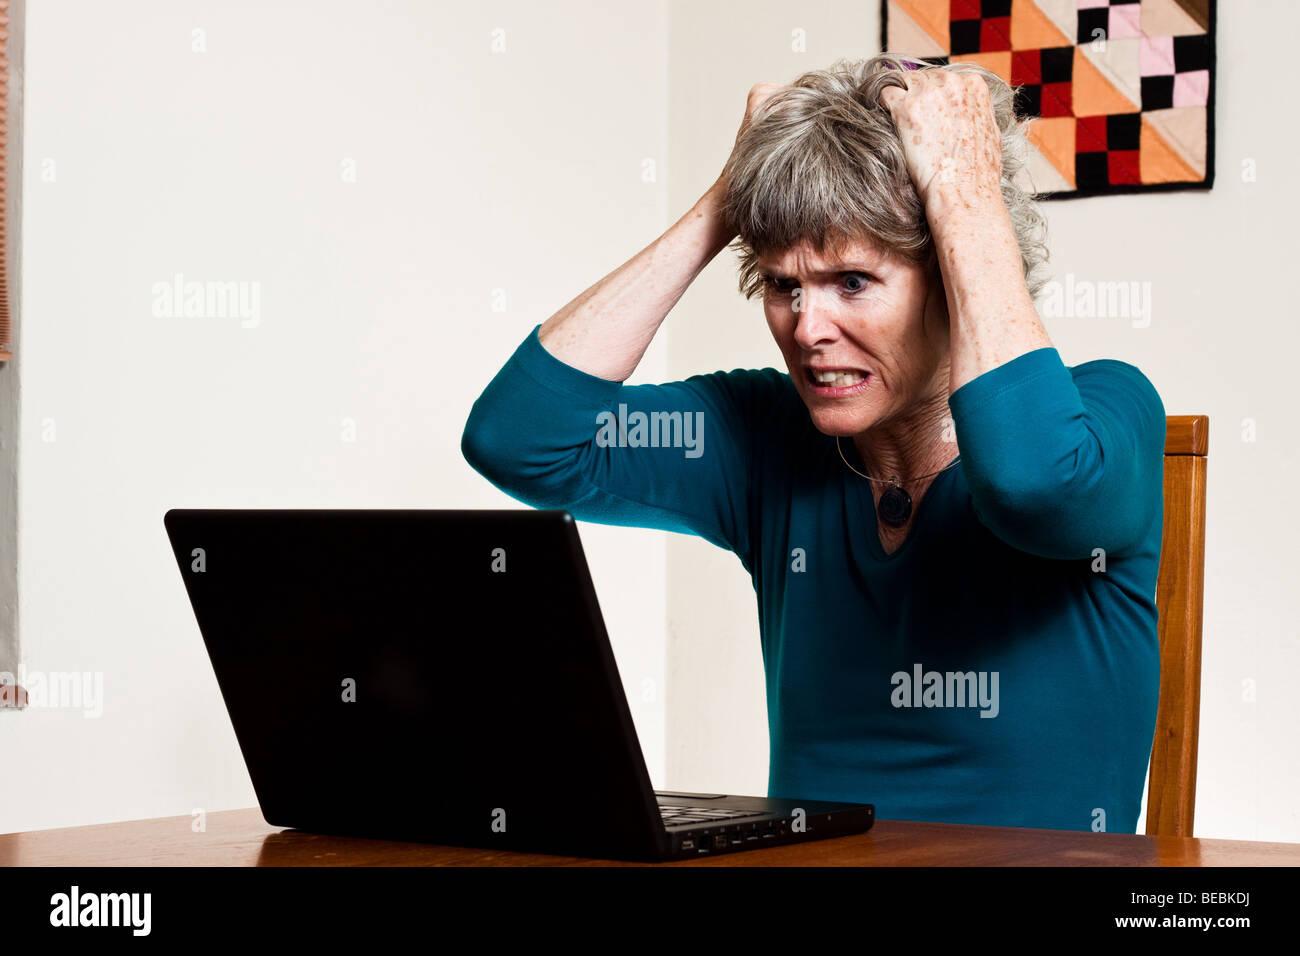 Datenverlust - Ihr Haar herausziehen Stockbild